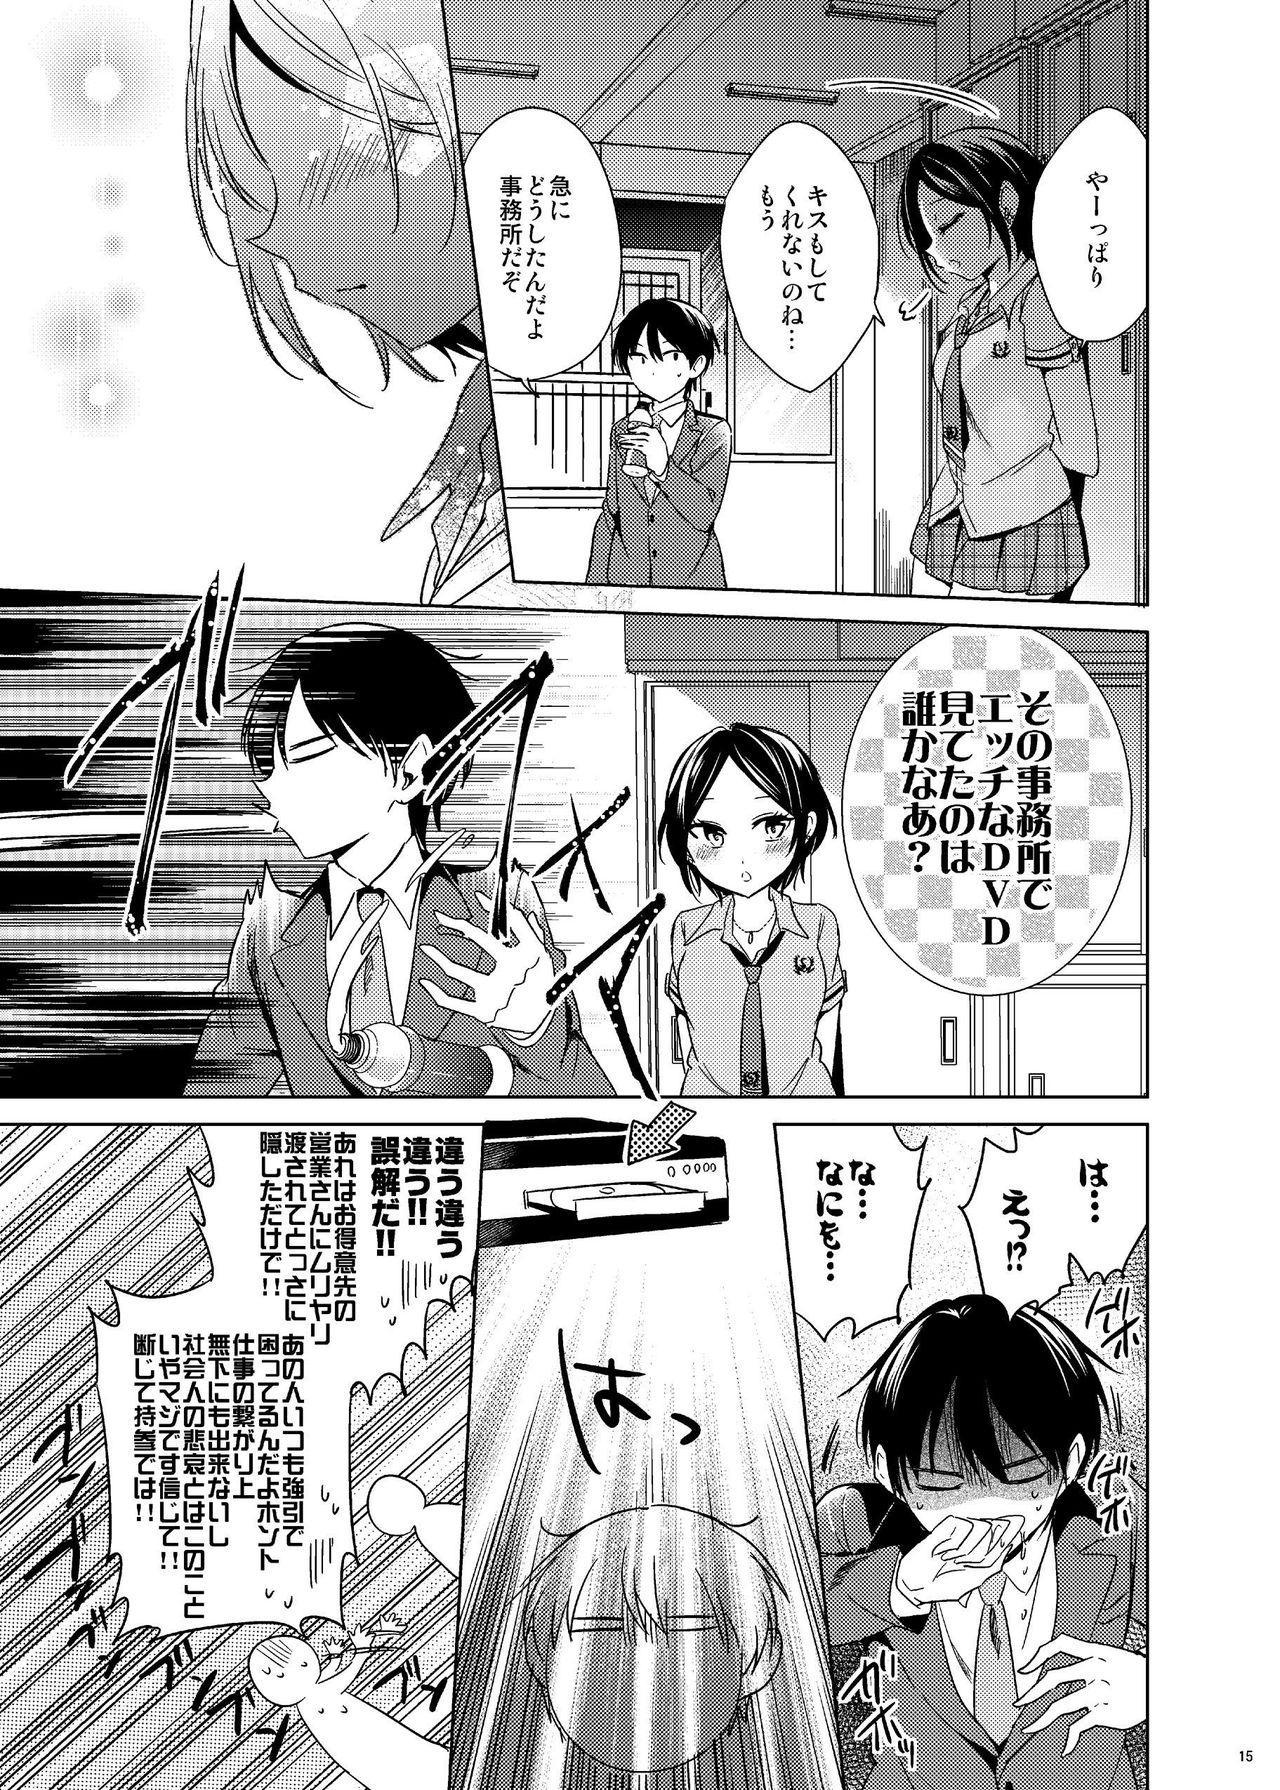 Hayami Kanade Soushuuhen 2014-15 『Black Cinderella』 13